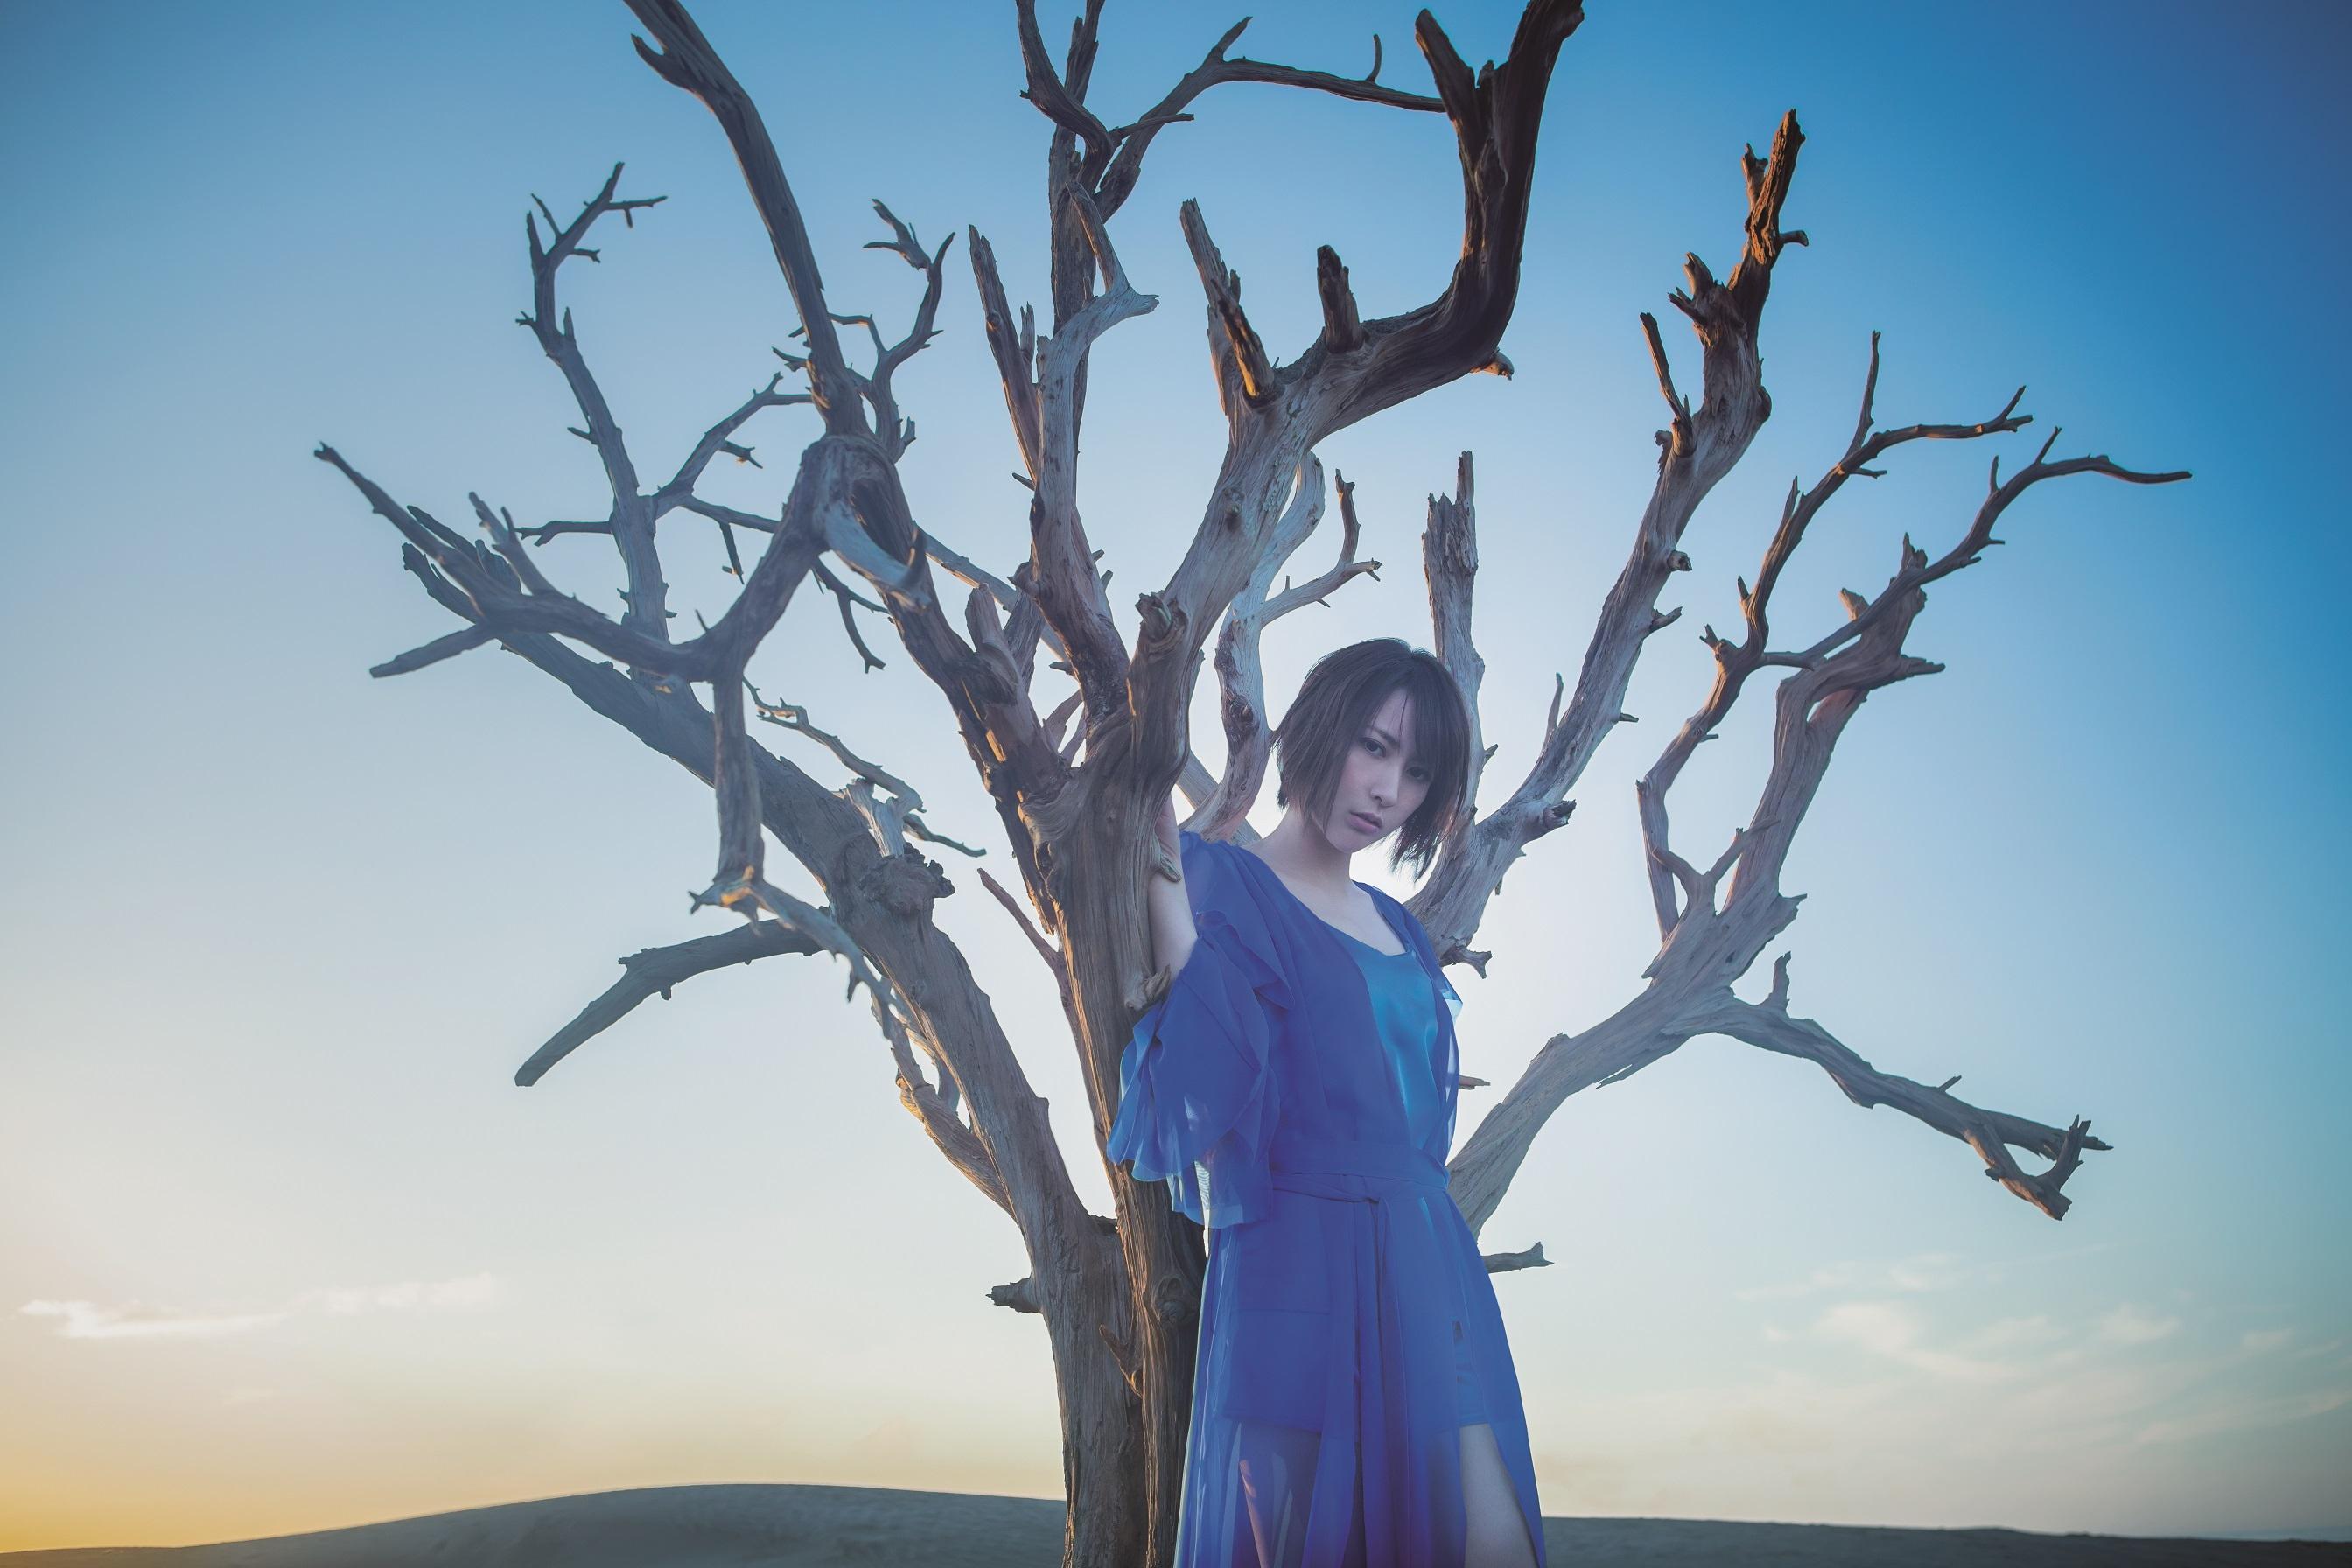 藍井艾露無預告驚喜發布新歌「アイリス(IRIS)」 藍井艾露、